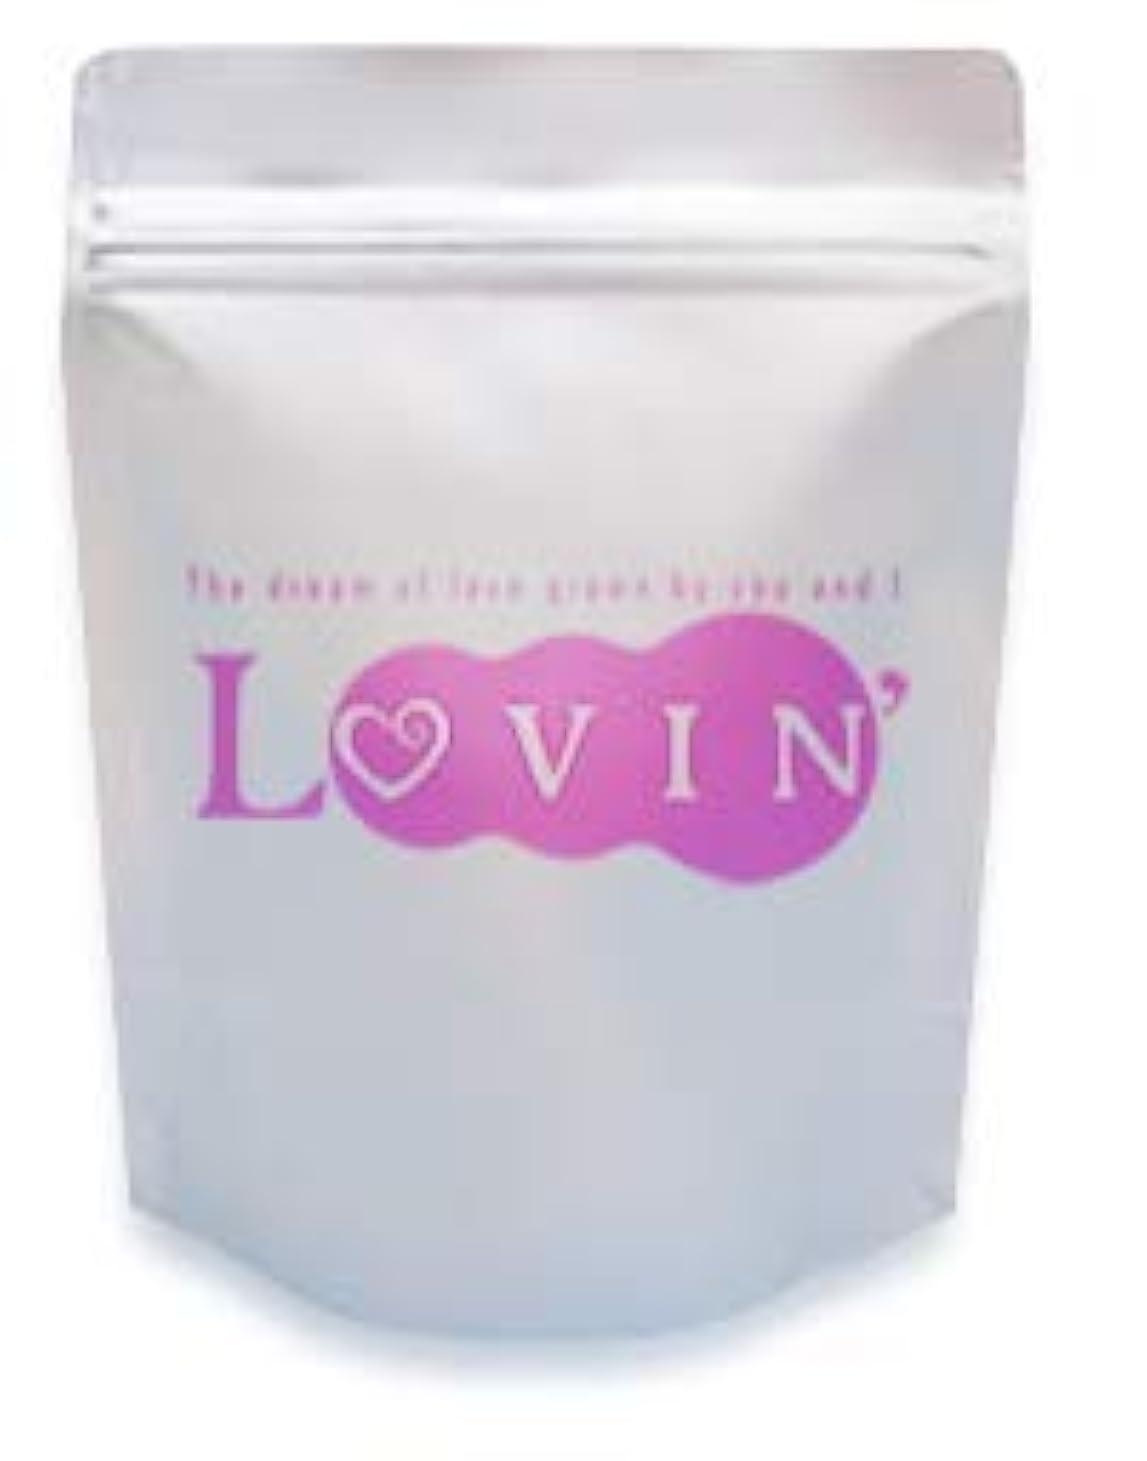 組み合わせ浮く低い【ローション風呂】LOVIN (ラヴィン) バスローション 2kg 【コラーゲン?コエンザイムQ10配合】ローズの香り 業務用